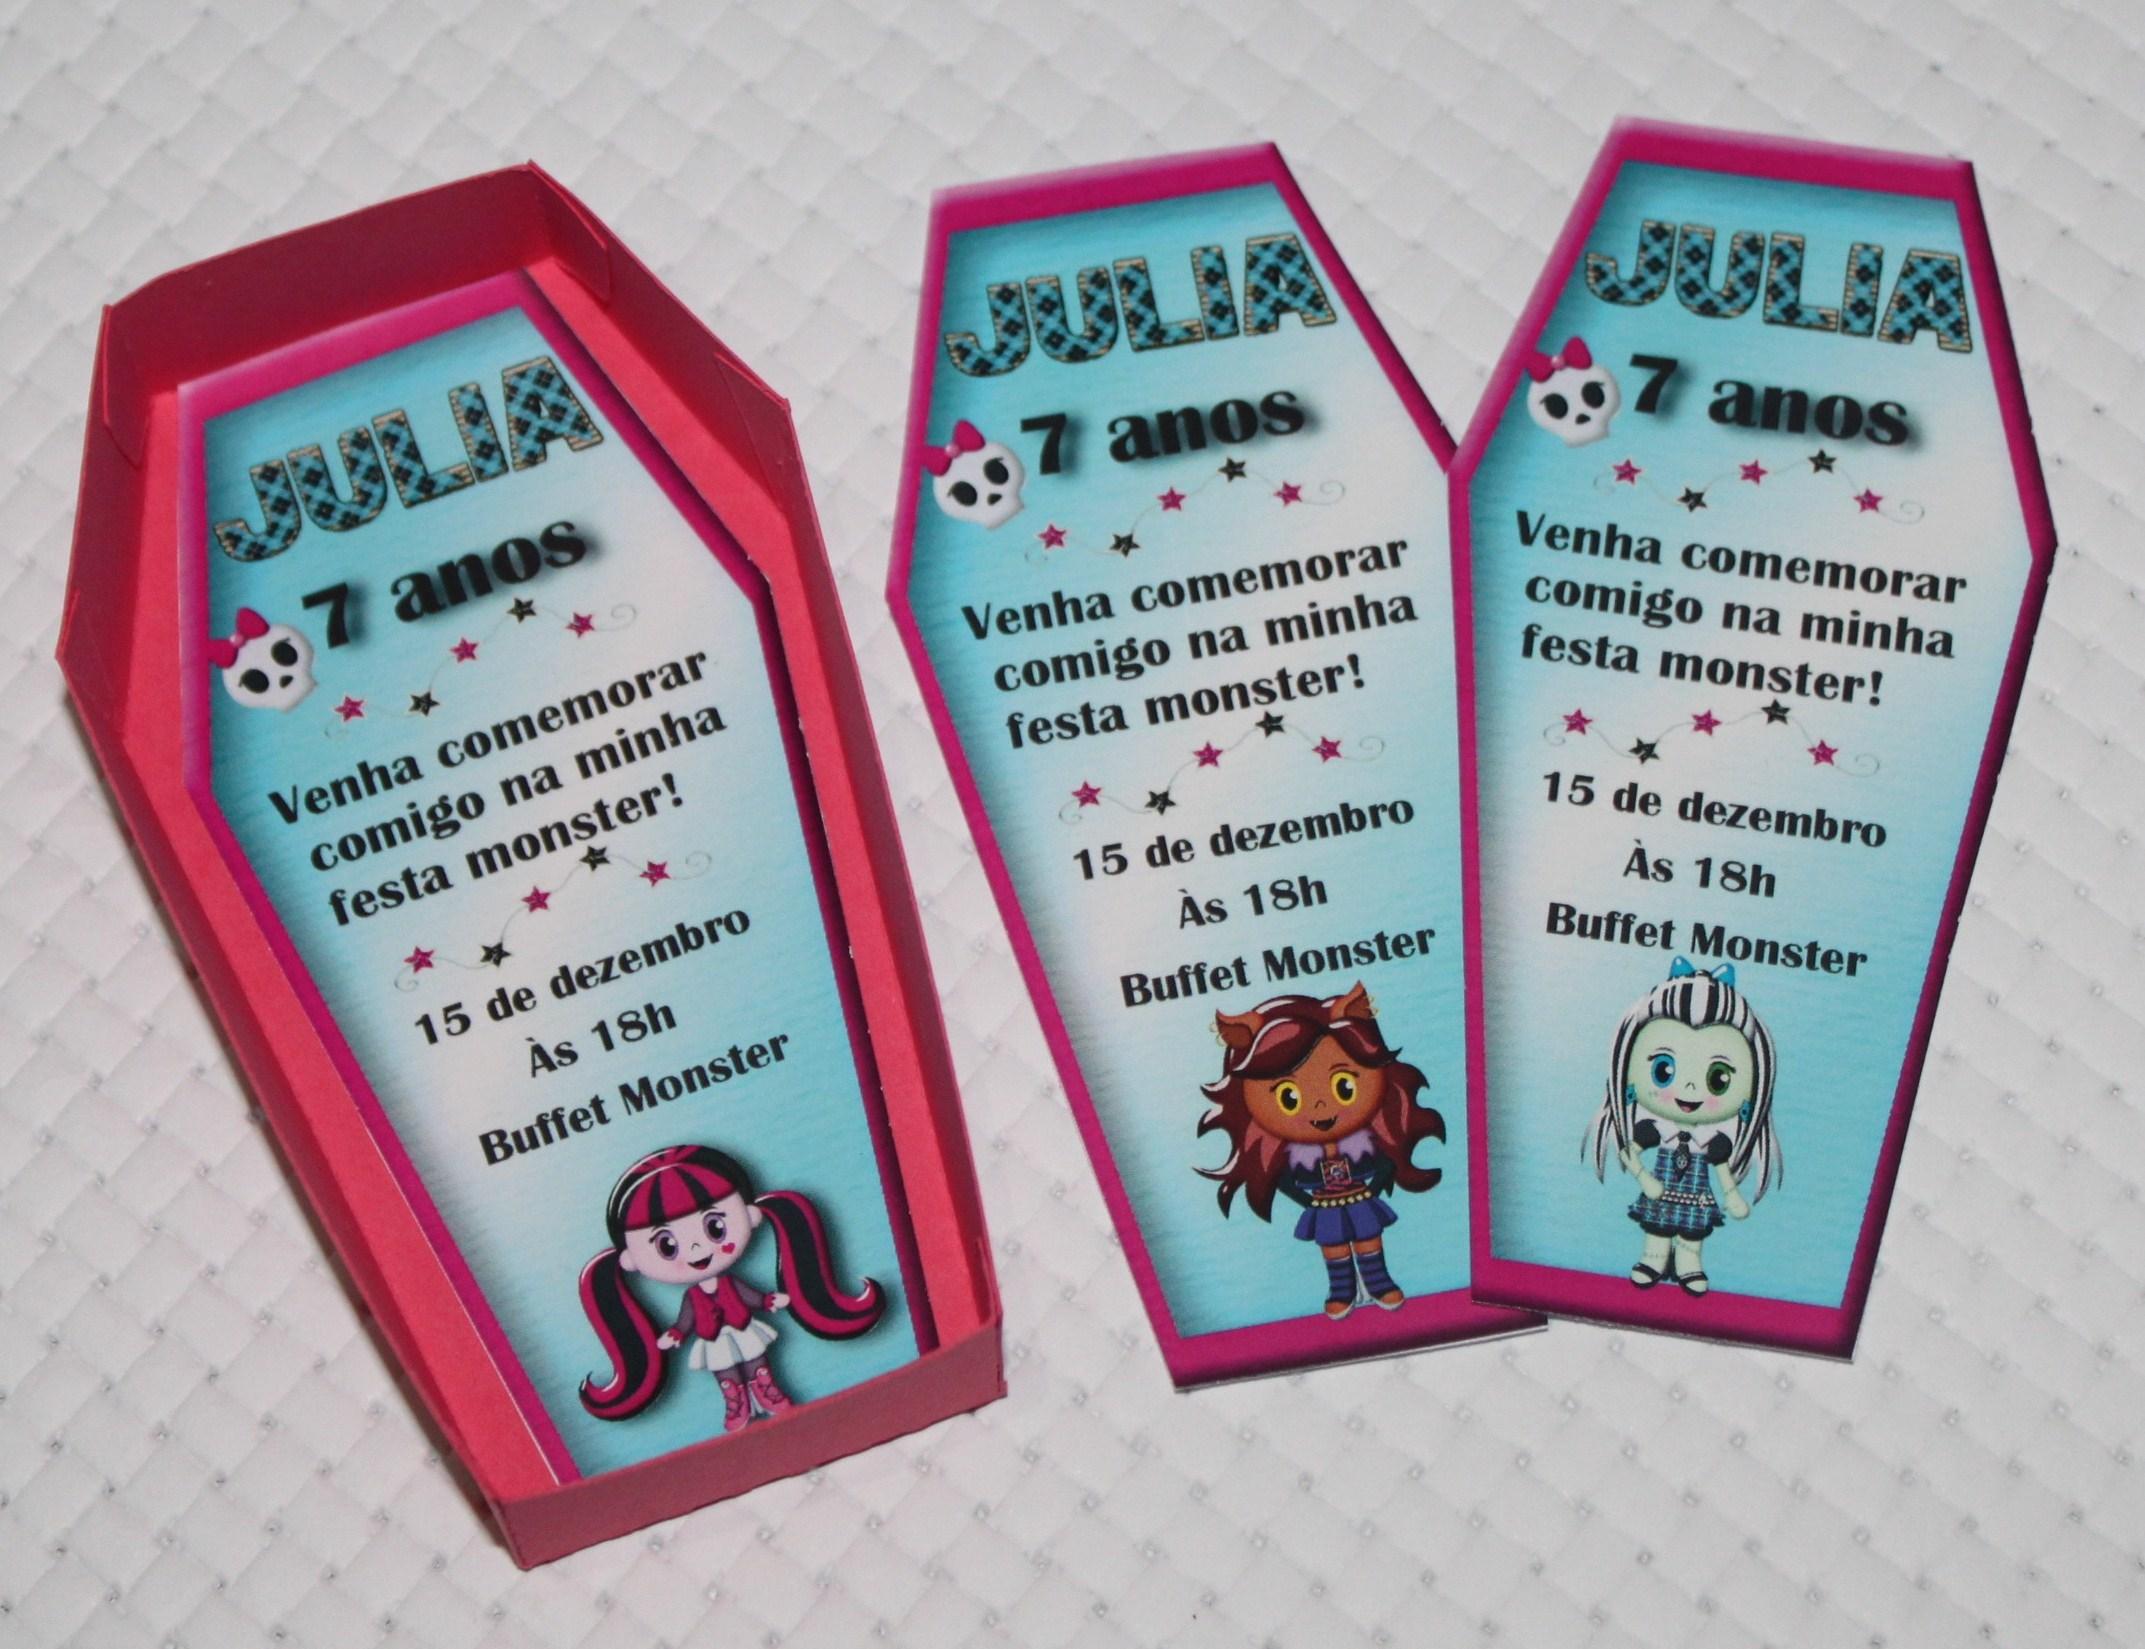 Convite Monster High Convite Monster High Convite Monster High